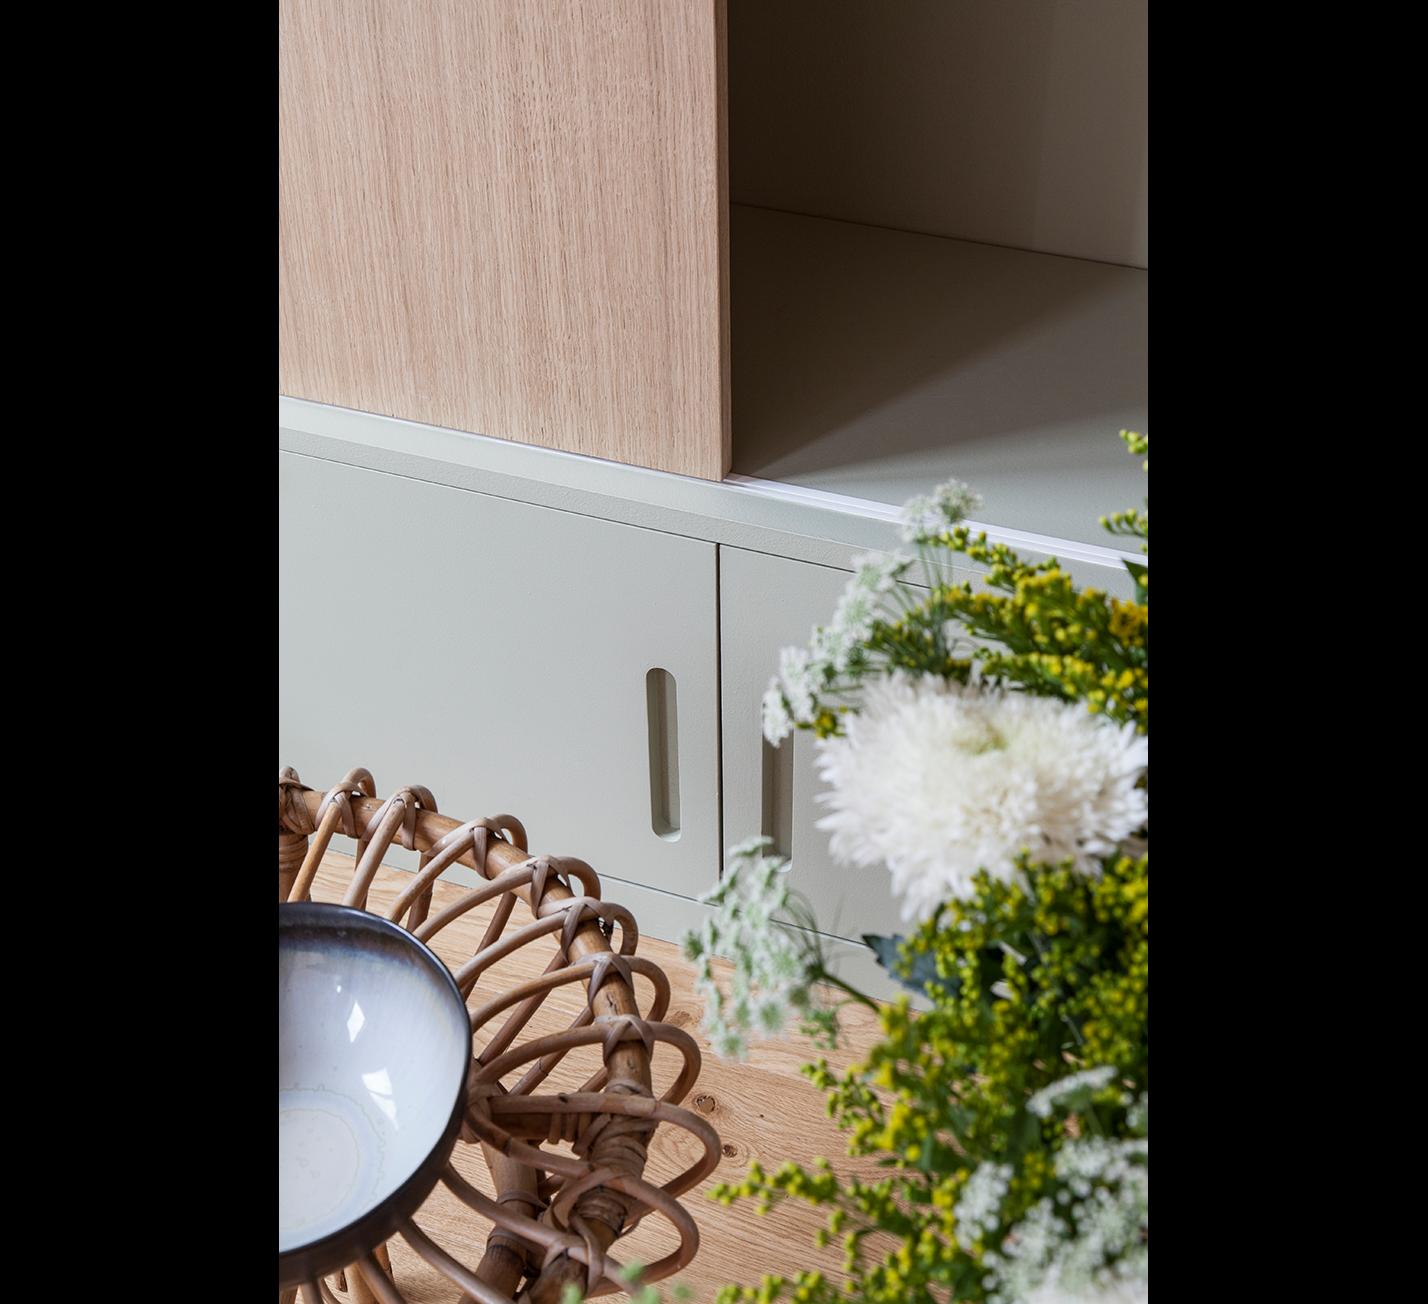 Projet-Pigalle-Atelier-Steve-Pauline-Borgia-Architecture-interieur-22